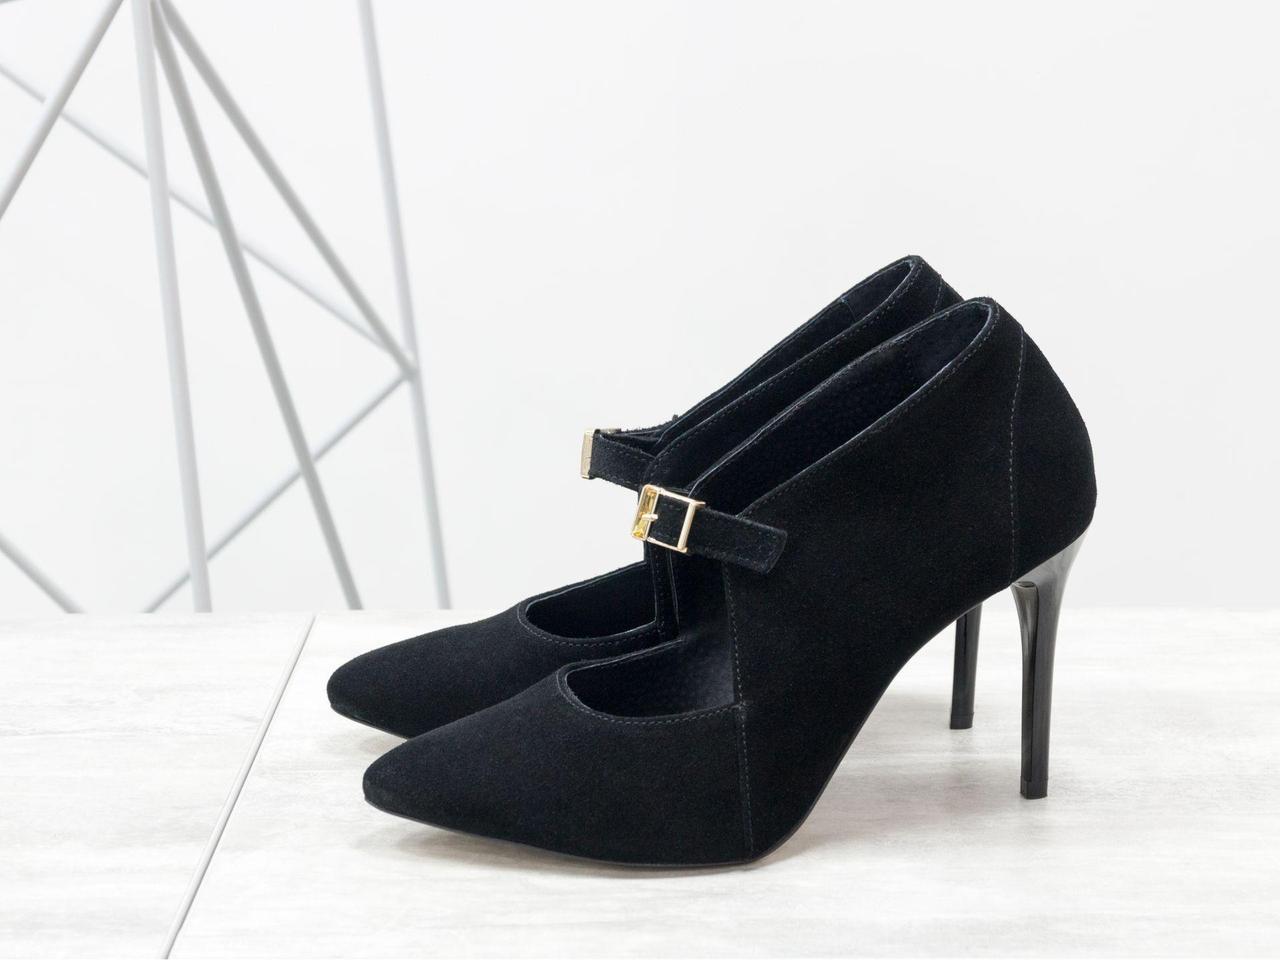 Женские туфли с ремешком, выполнены из натуральной замши черного цвета